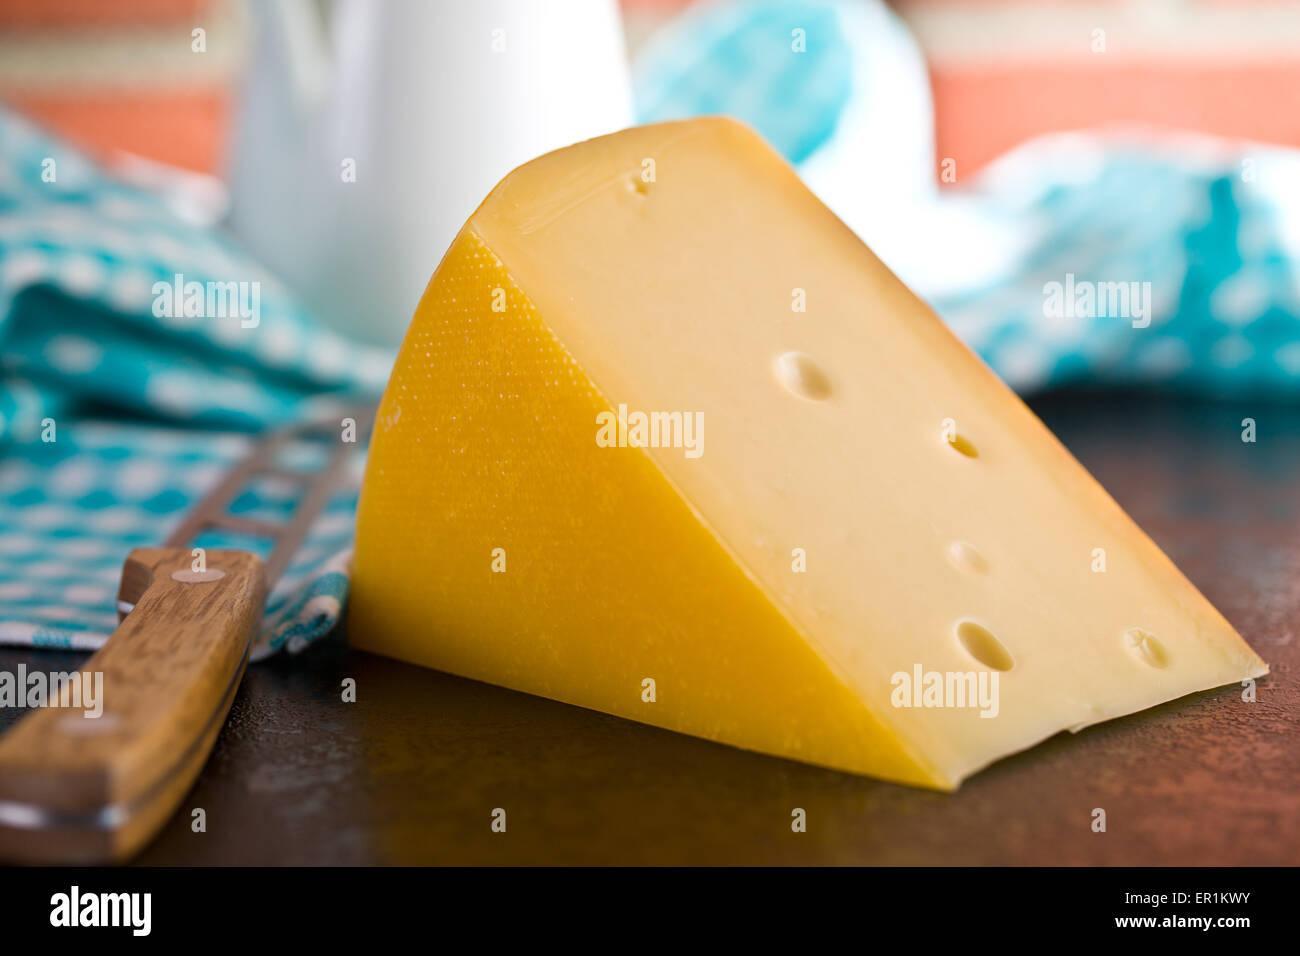 Bloque de queso edam en la mesa de la cocina Imagen De Stock